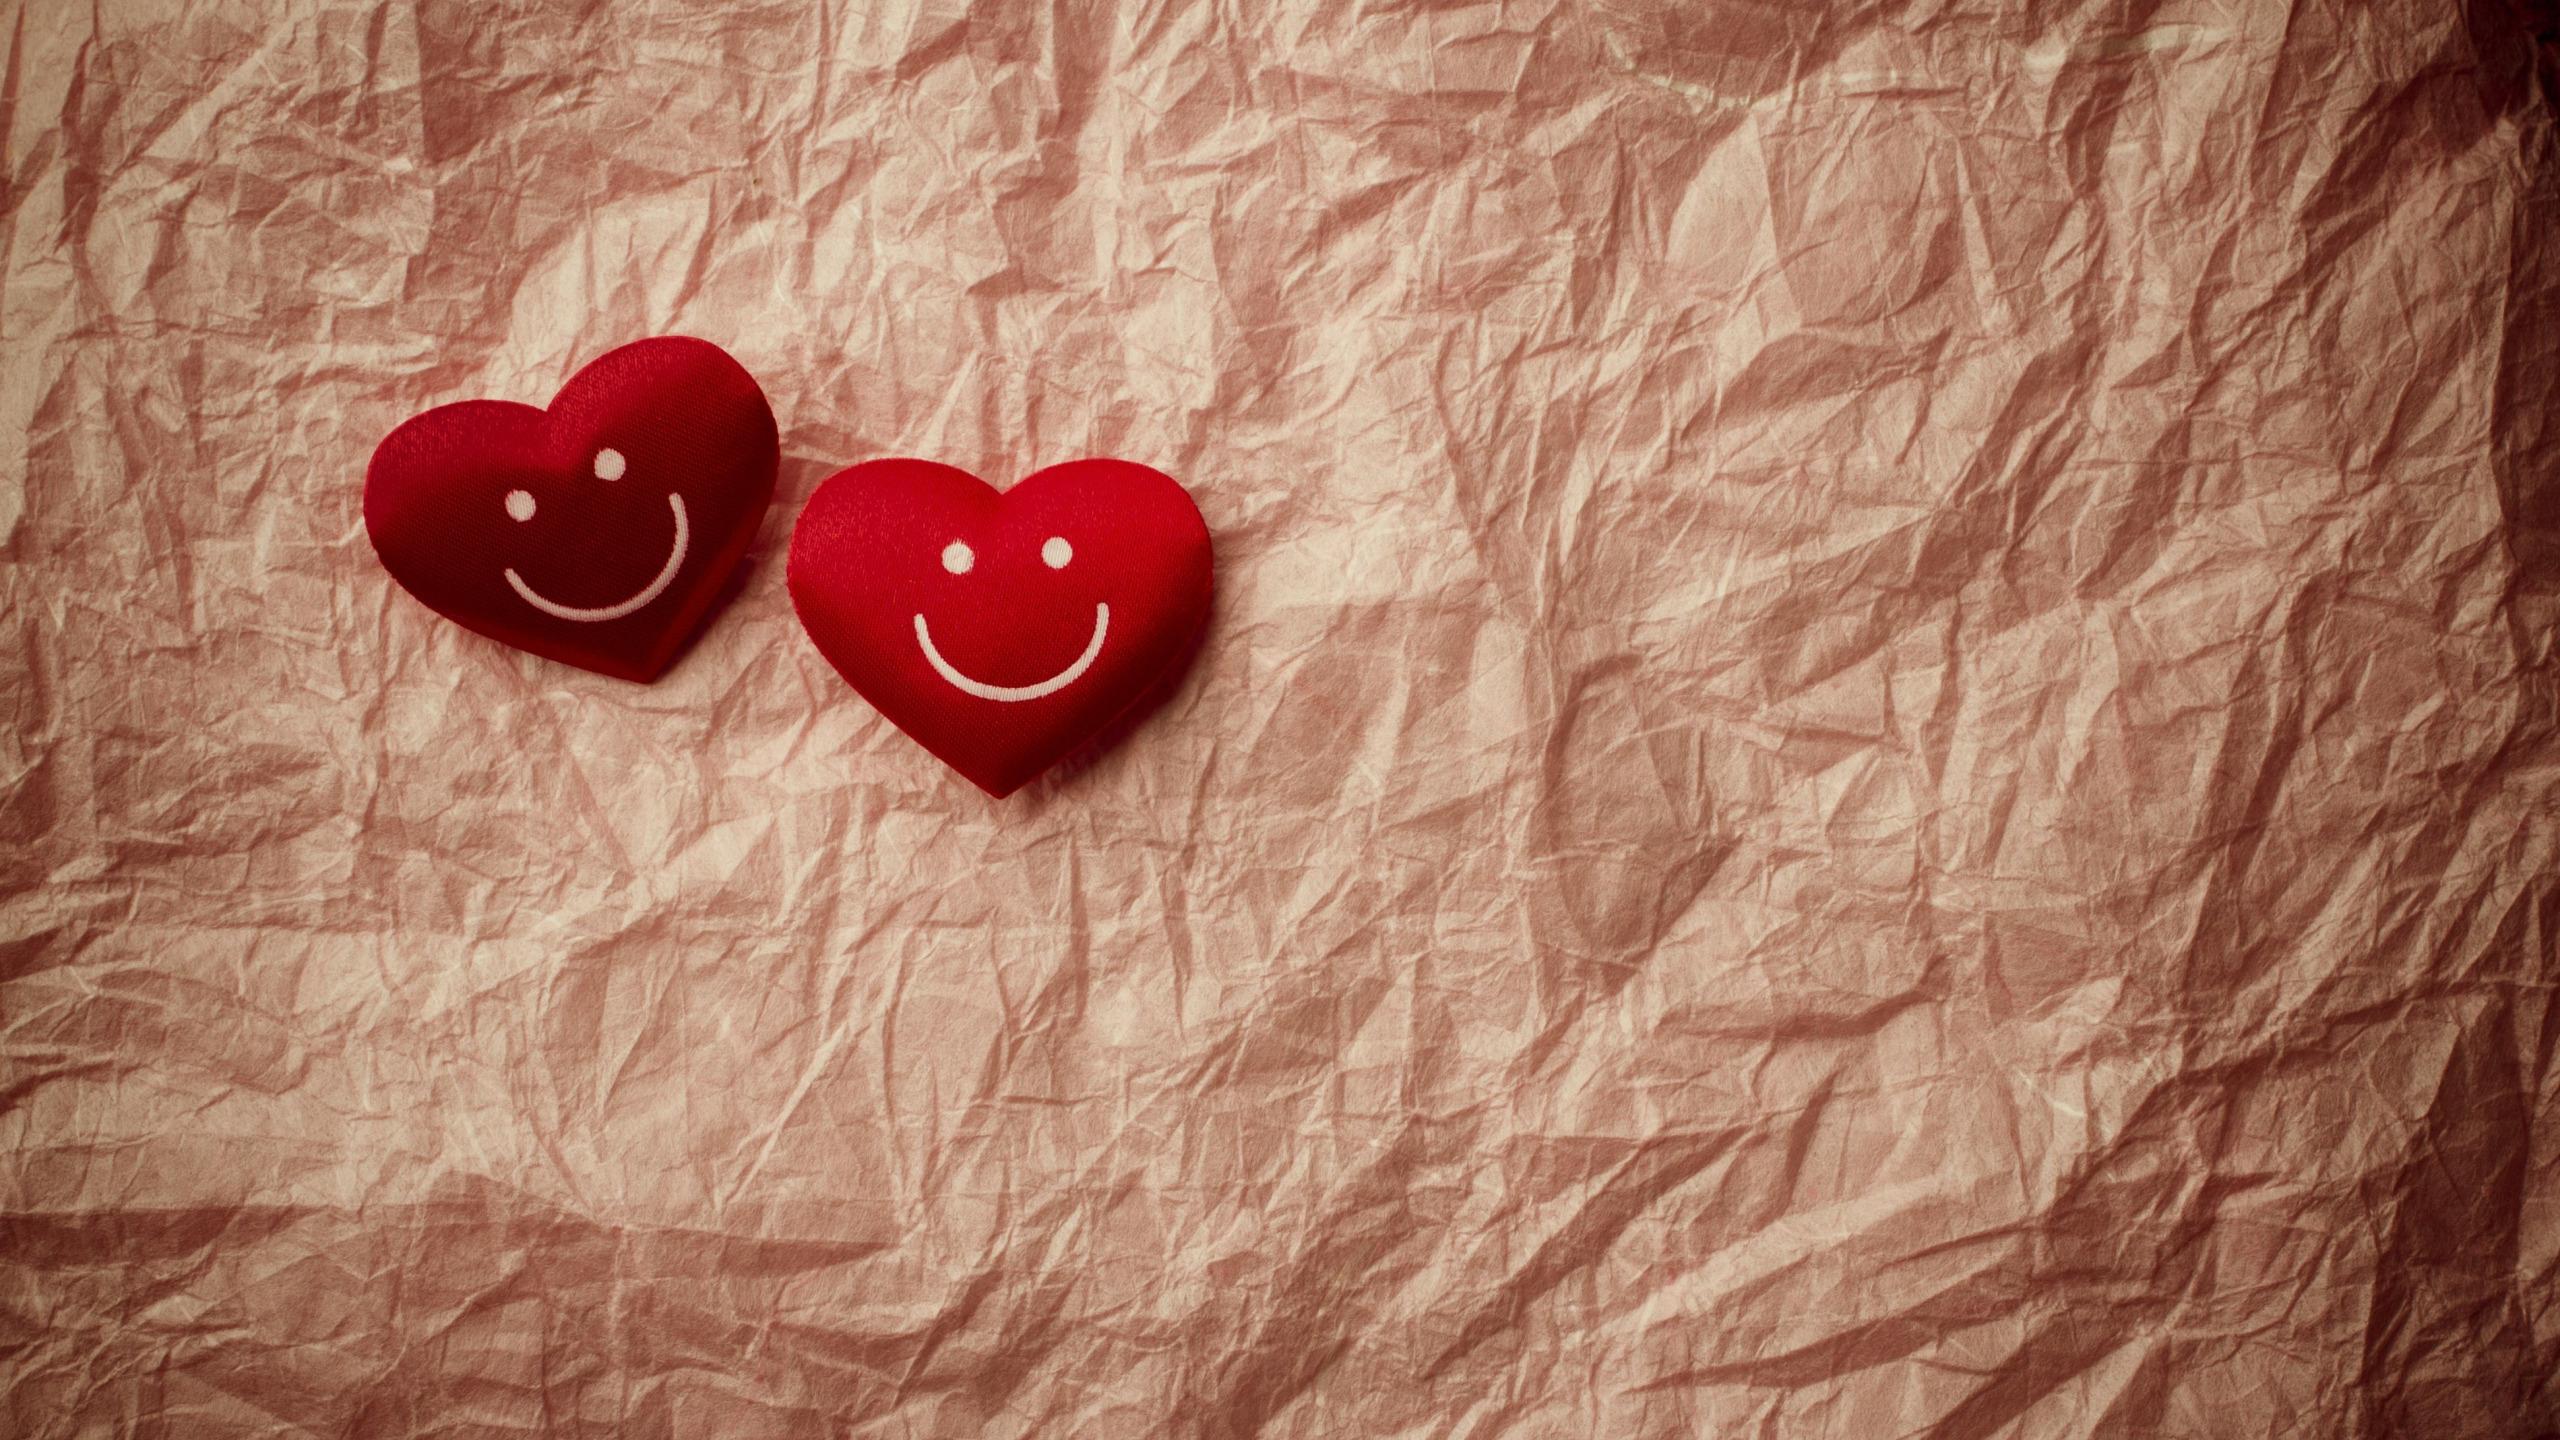 картинки сердце для рабочего стола сильнее